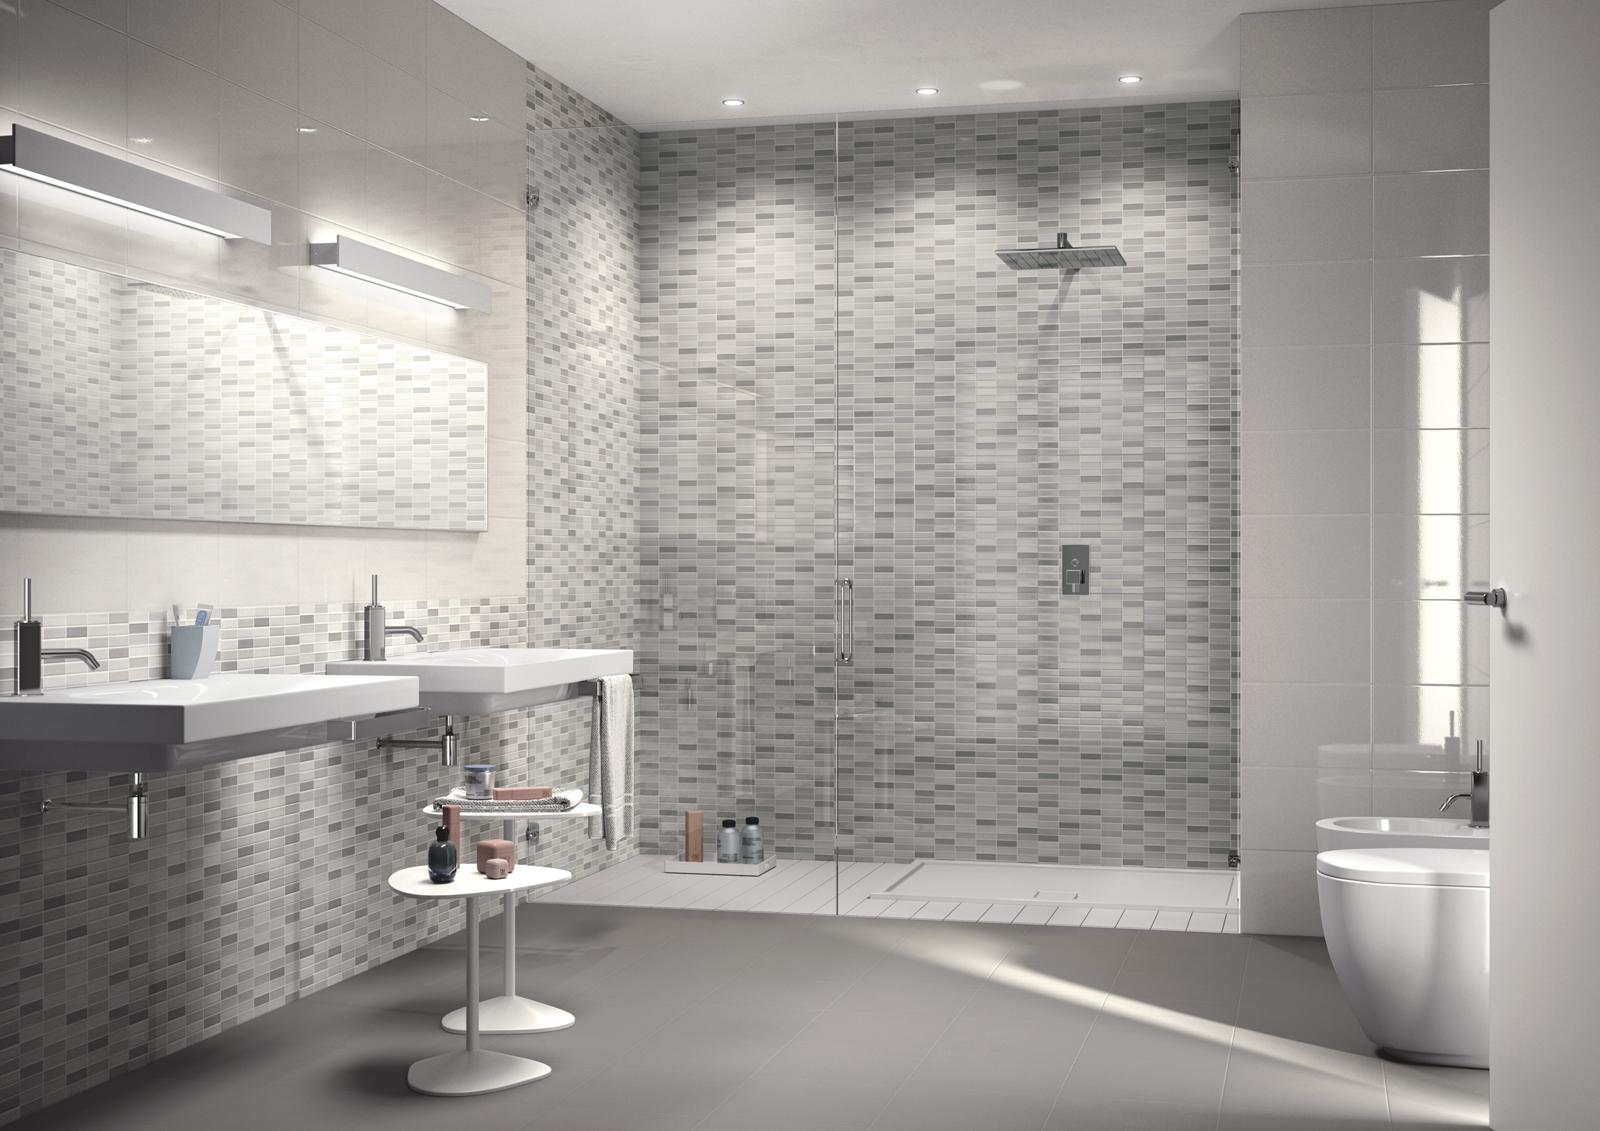 Piastrelle A Mosaico Per Bagno candiano venceramica - mosaico bagno, una scelta raffinata